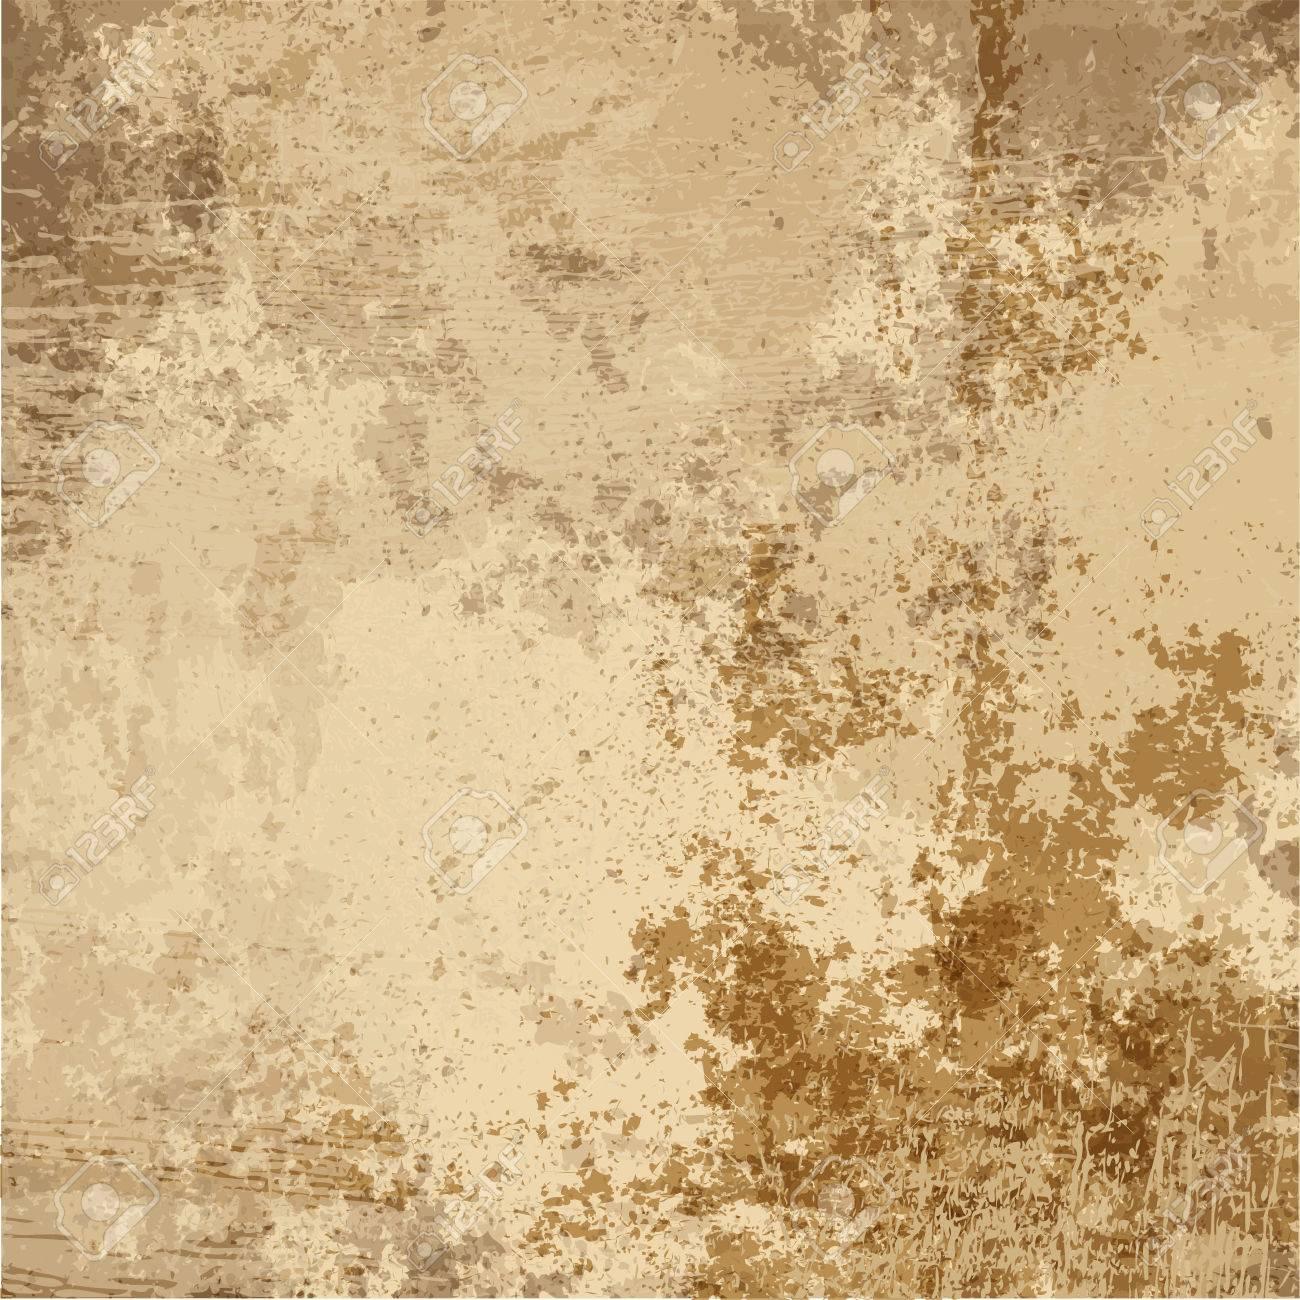 Grunge background Vector illustration - 28033568